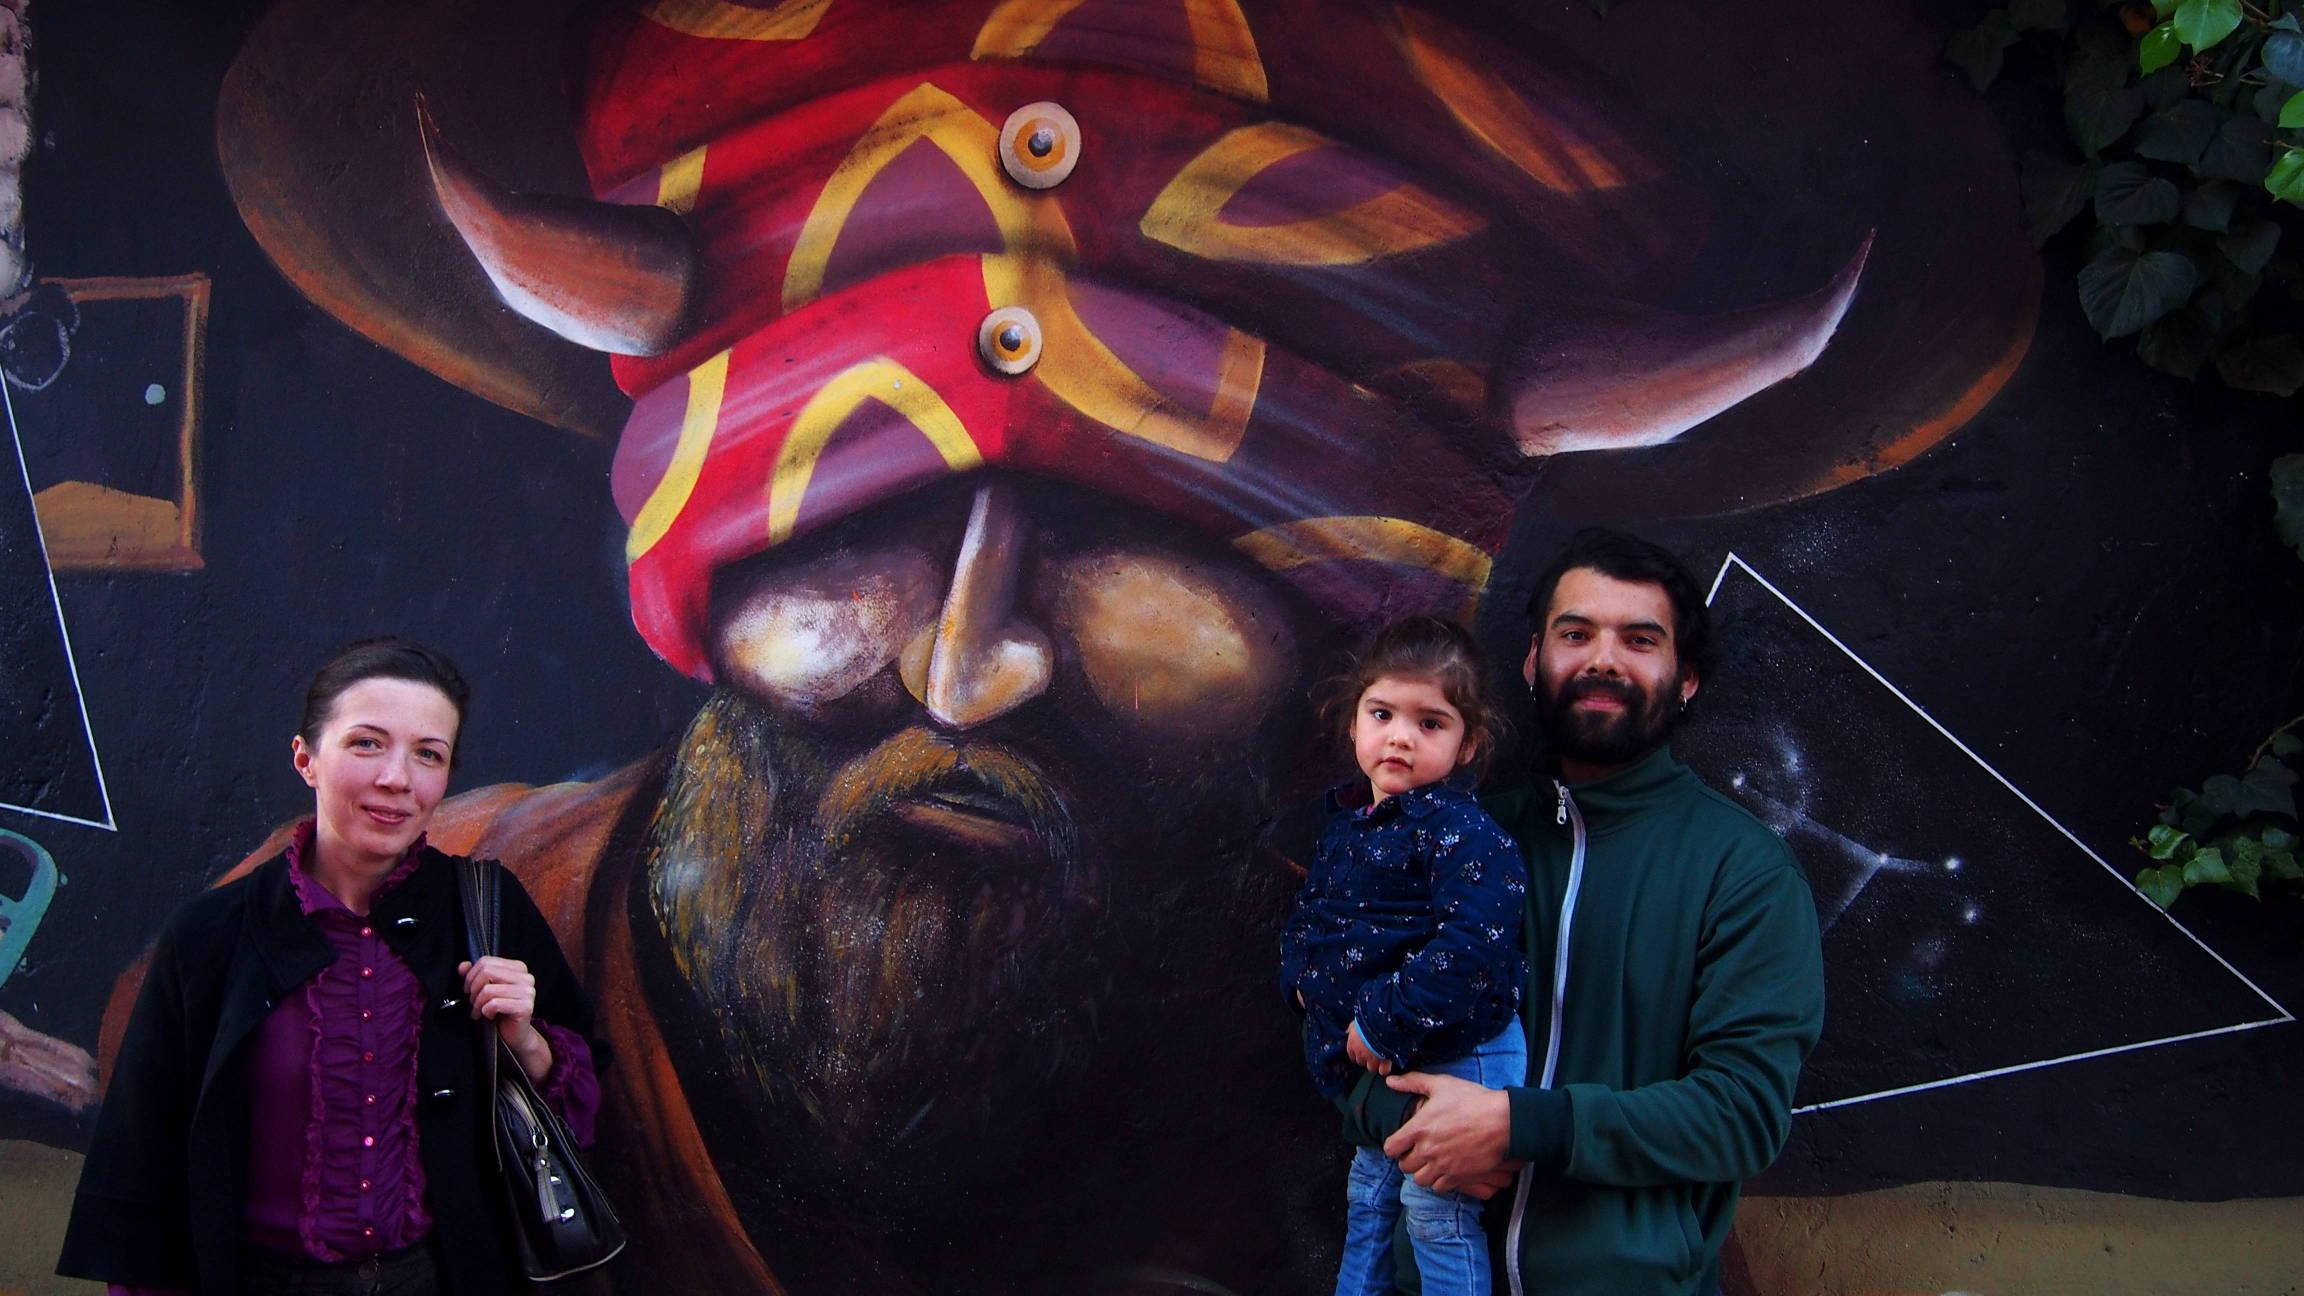 Родриго с Оливией и я на фоне только что завершенного граффити.